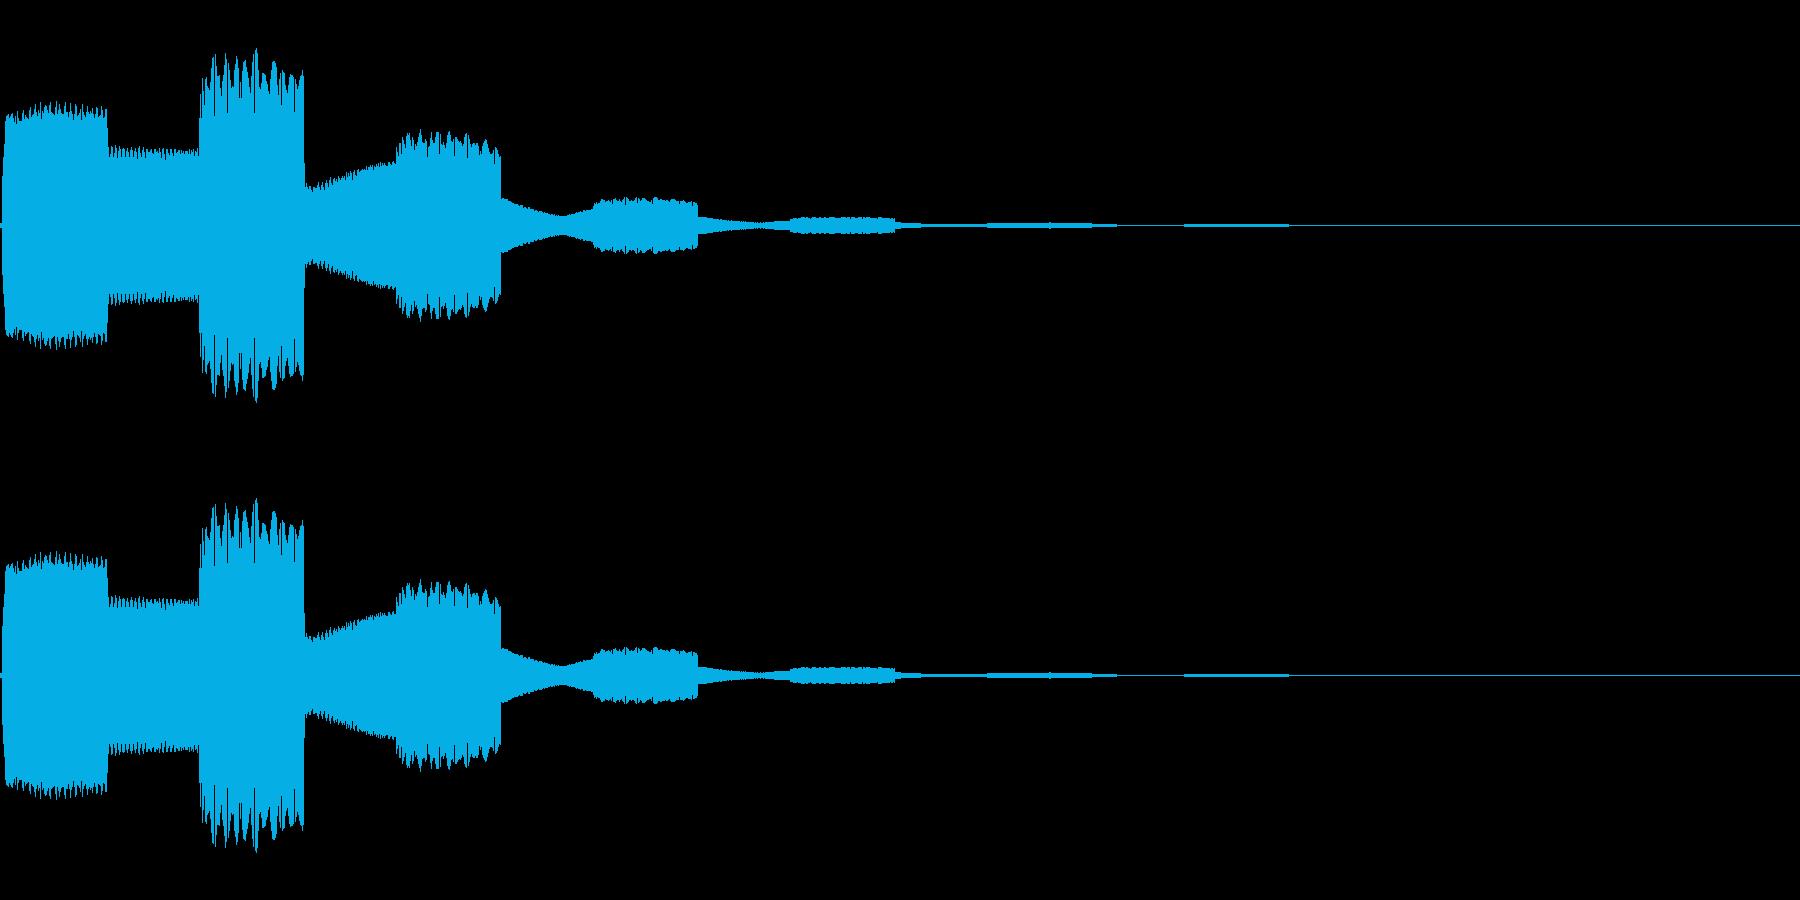 ピコピコ…(シンプル/決定音/エコー)の再生済みの波形